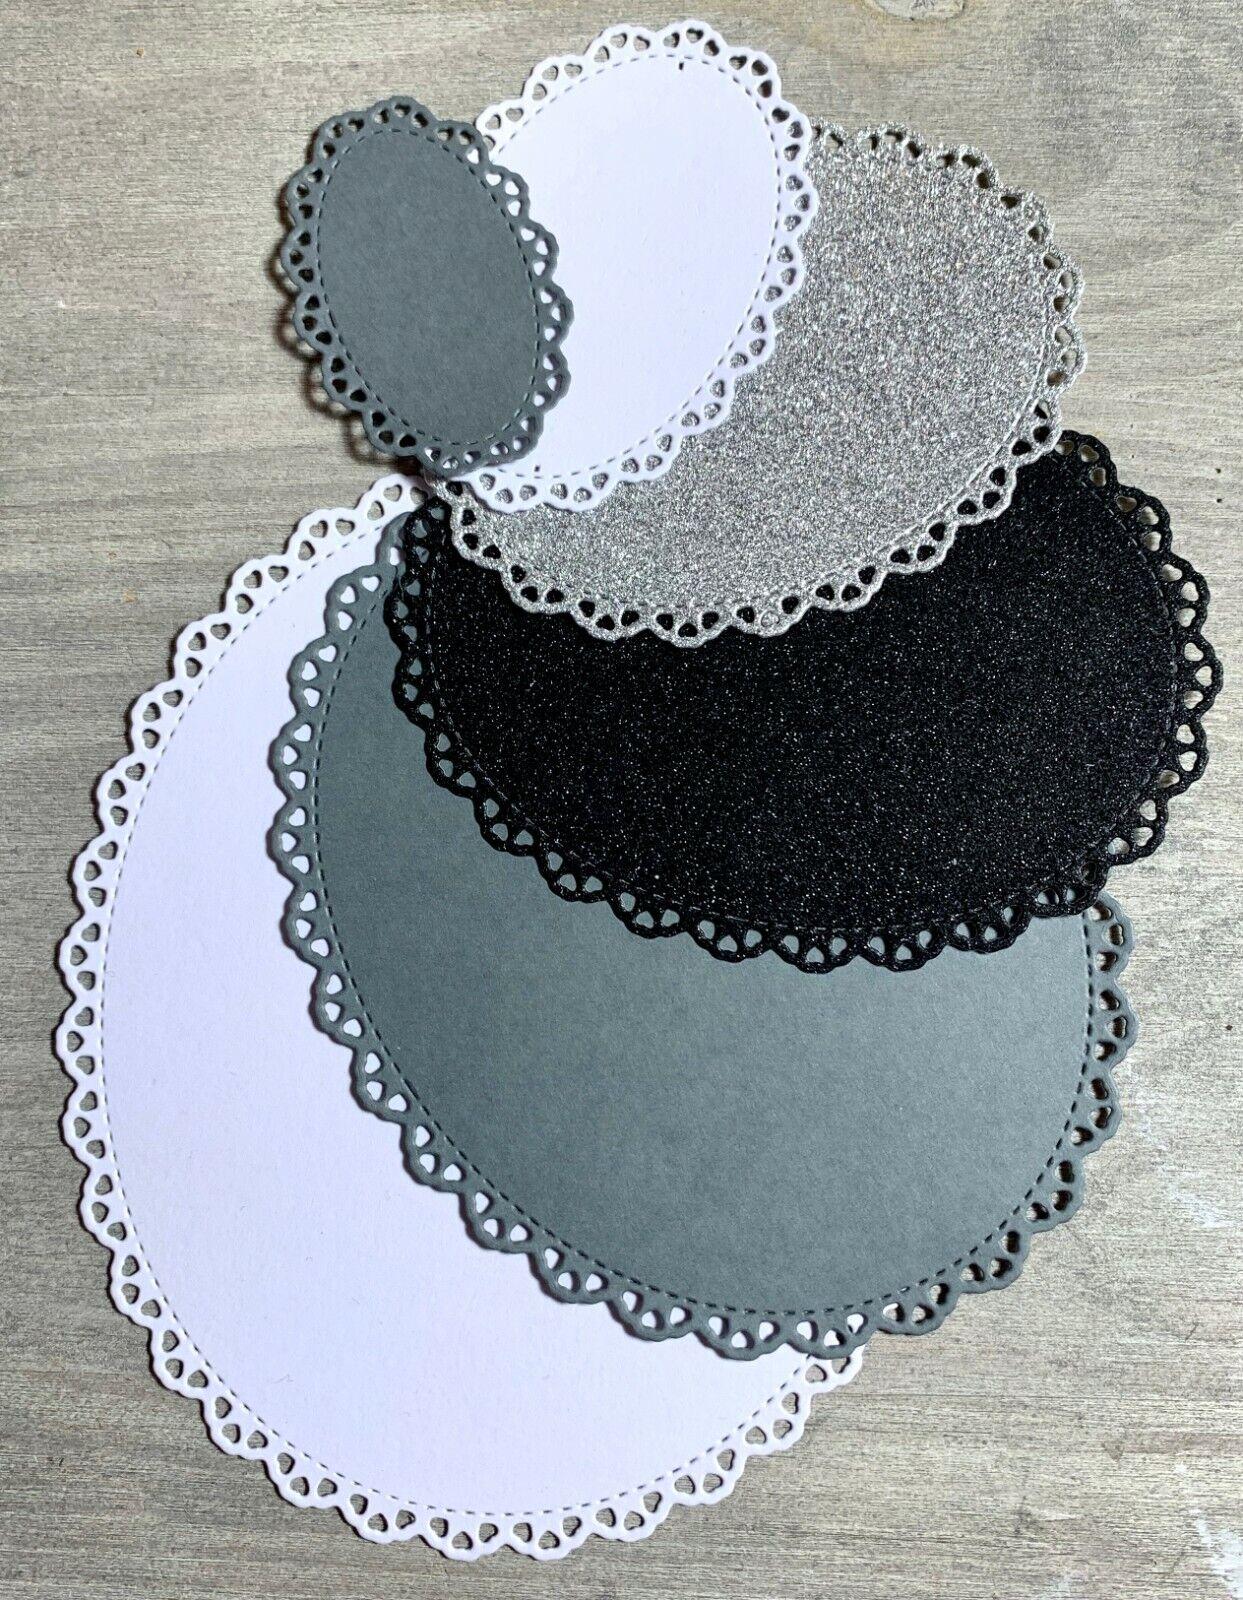 Stanzschablone Cutting dies Zierdeckchen oval mit Herzrand 6 Stk, bis 11x13 cm